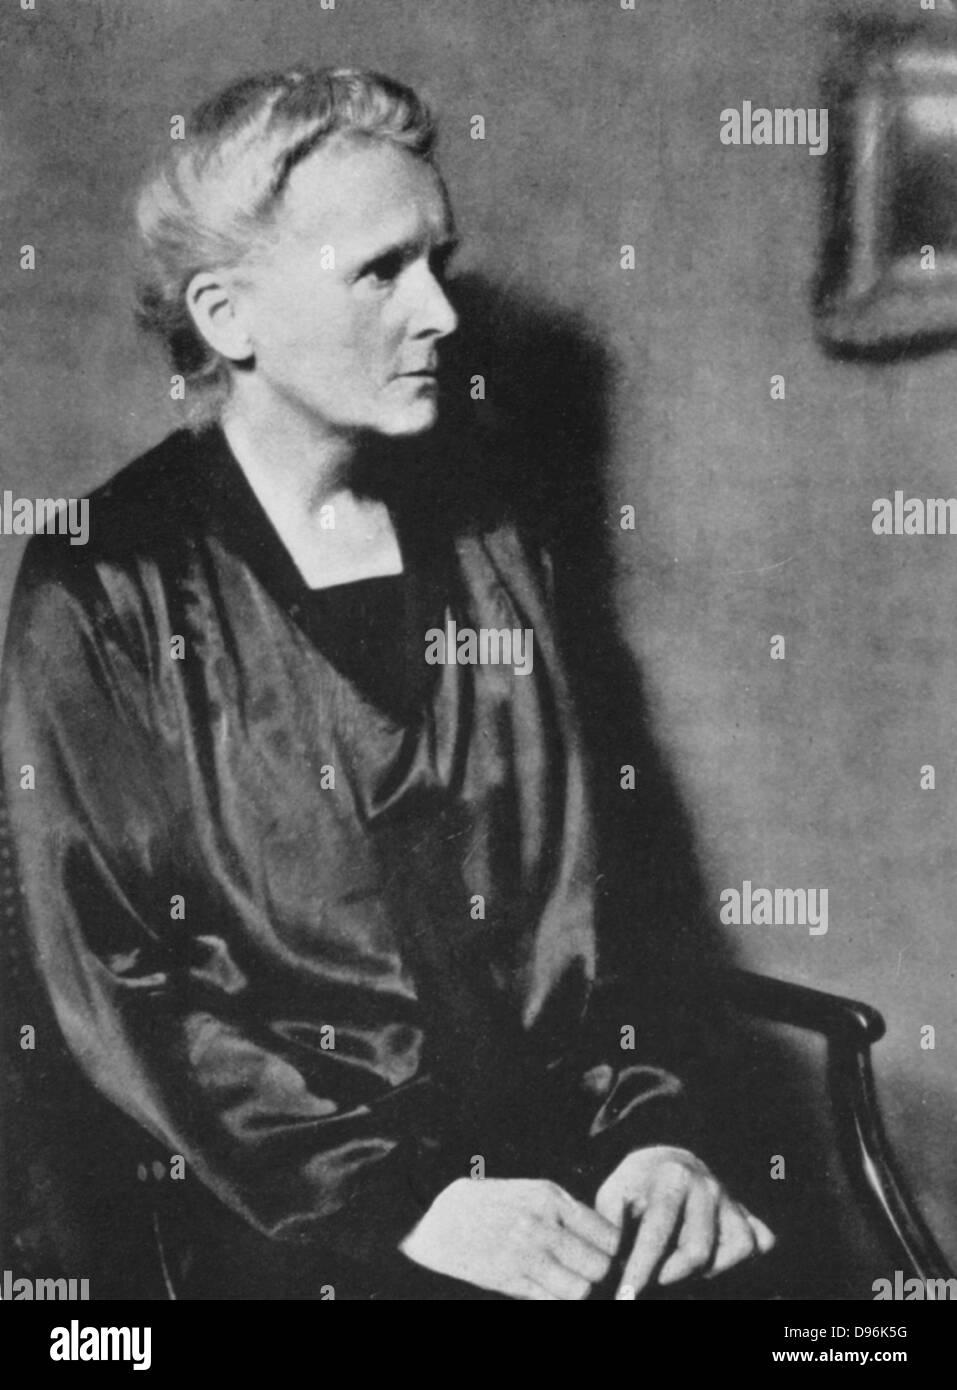 Marie Curie (1867-1934) Polen geborenen französischen Physiker im Jahr 1929. Stockfoto